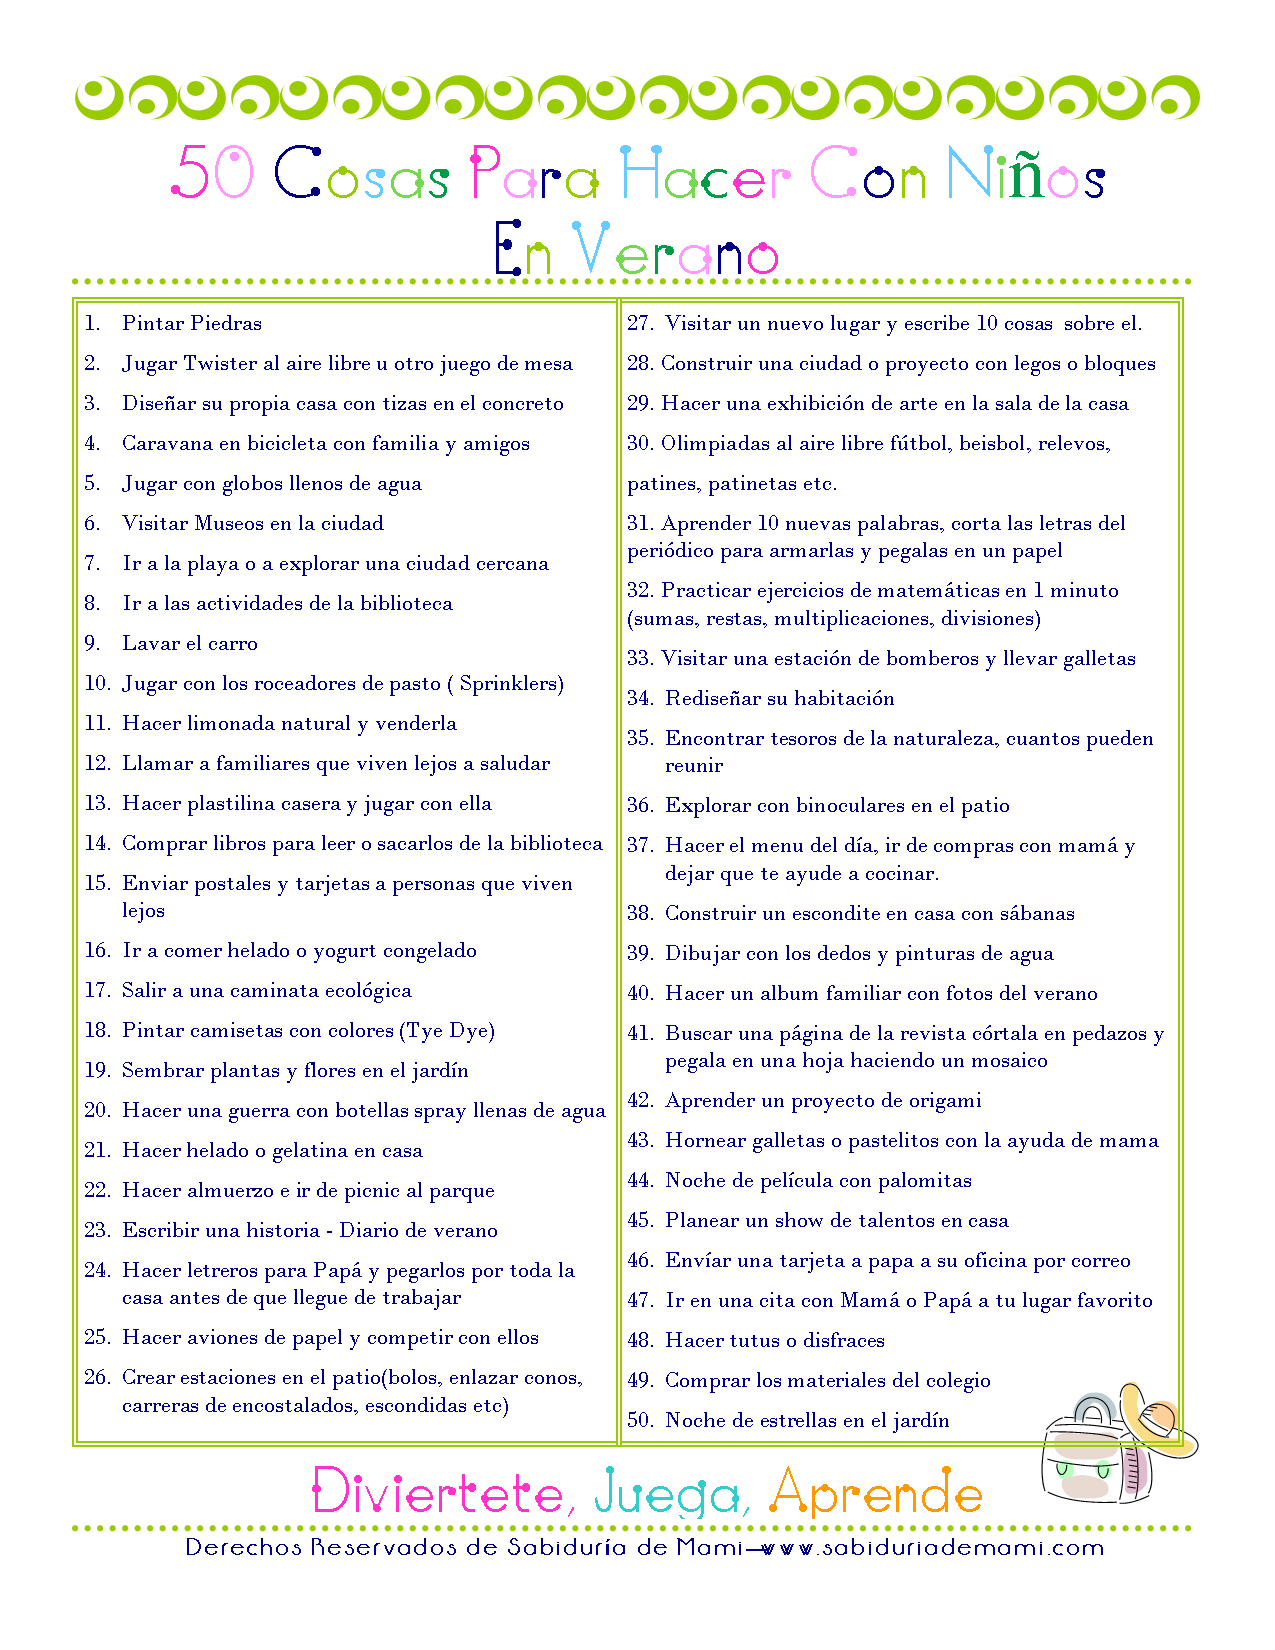 Lista de 50 cosas para hacer con ni os en verano - Cosas para hacer en casa ...